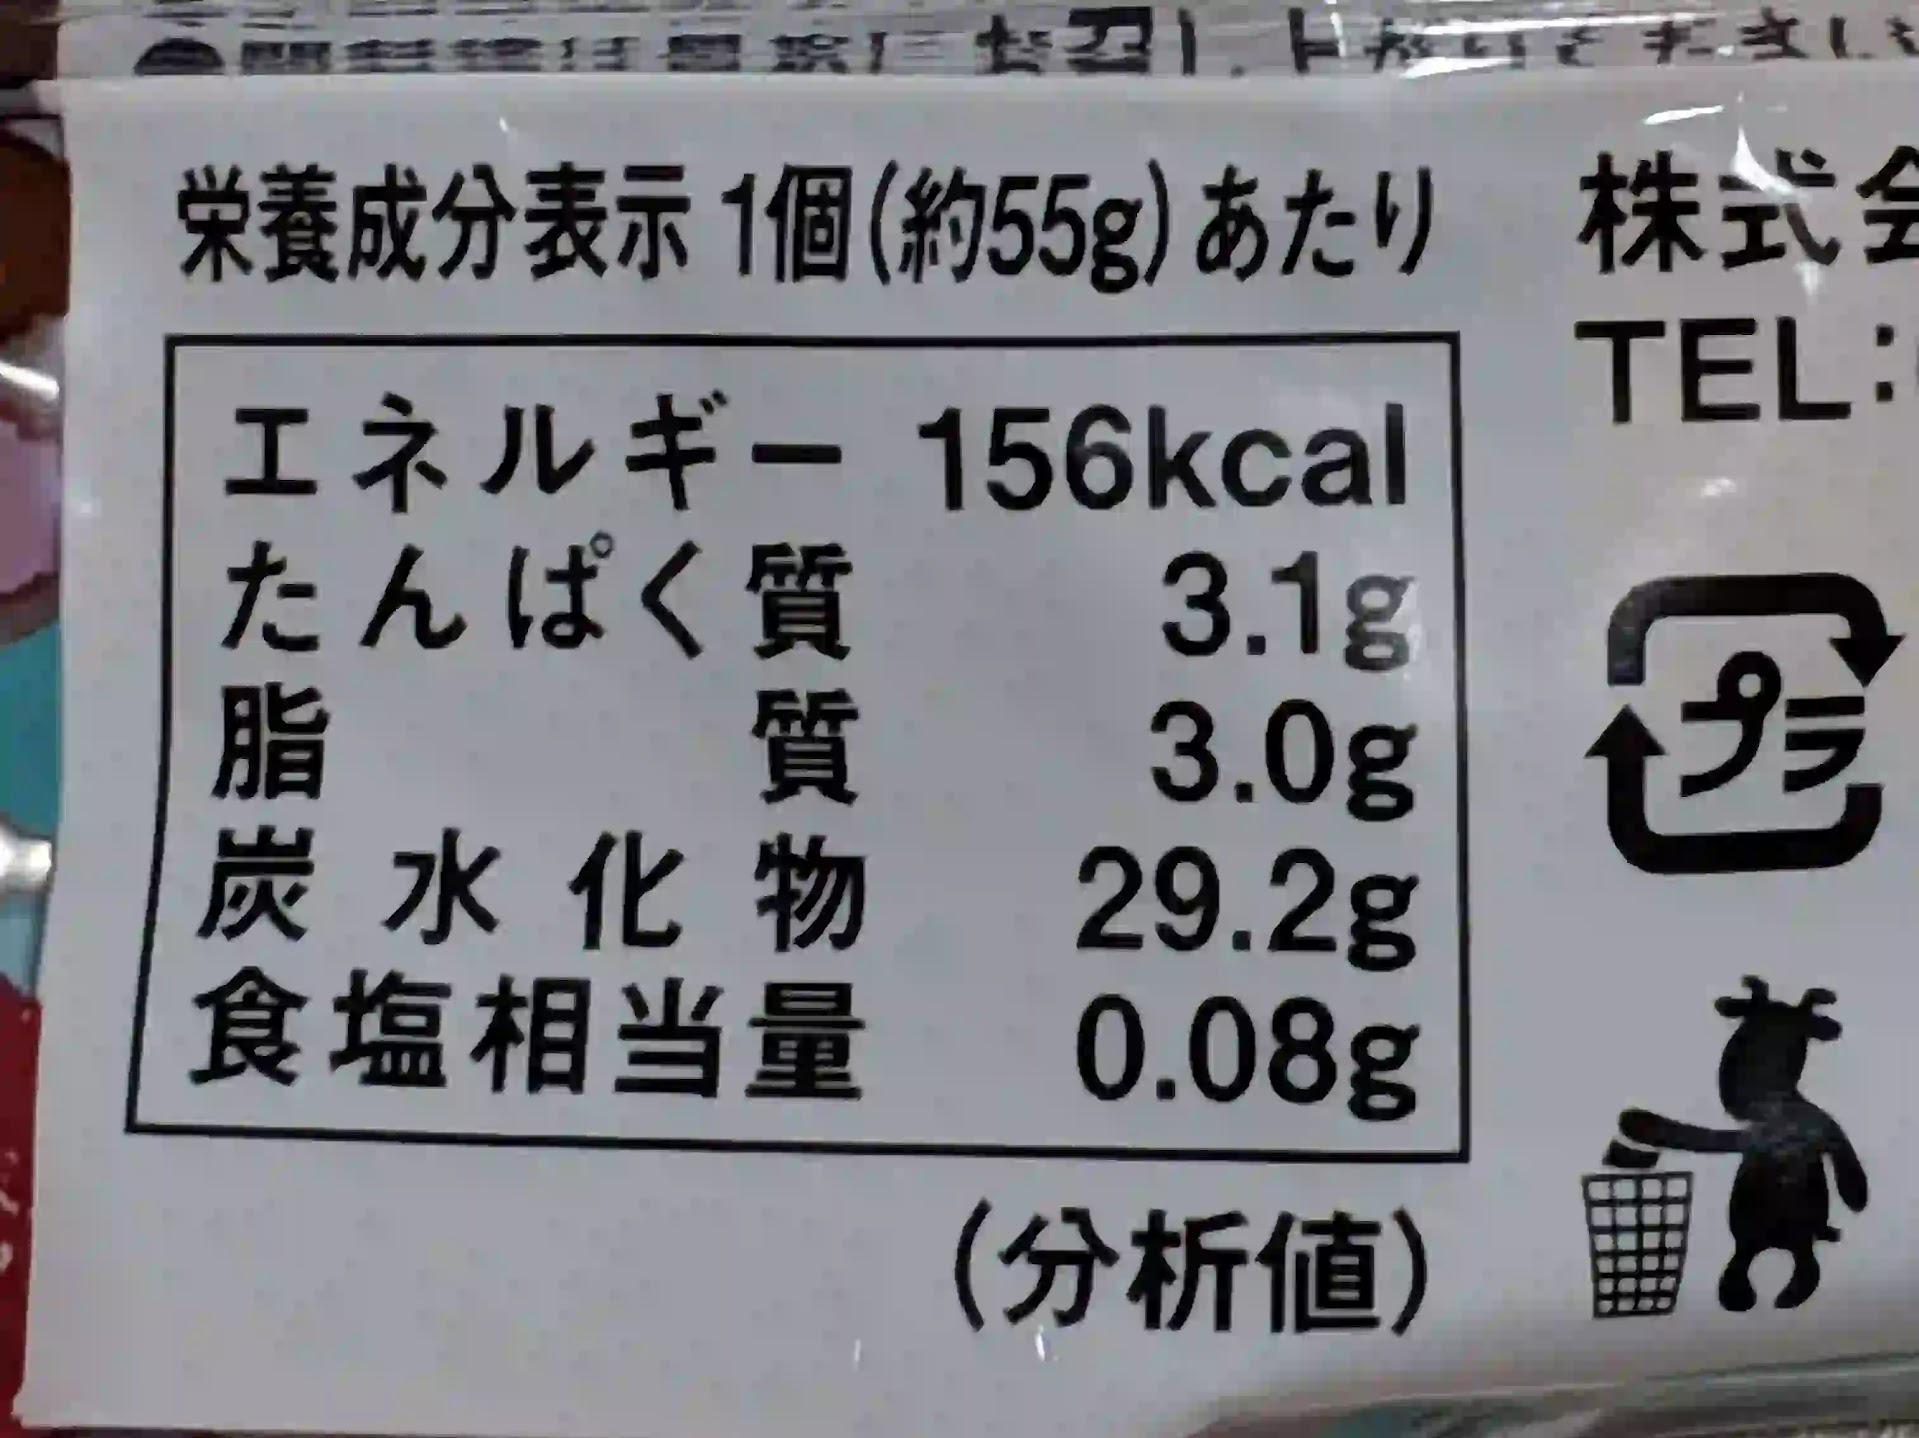 カルディ チョコレートきんつば プレーン 栄養成分表示